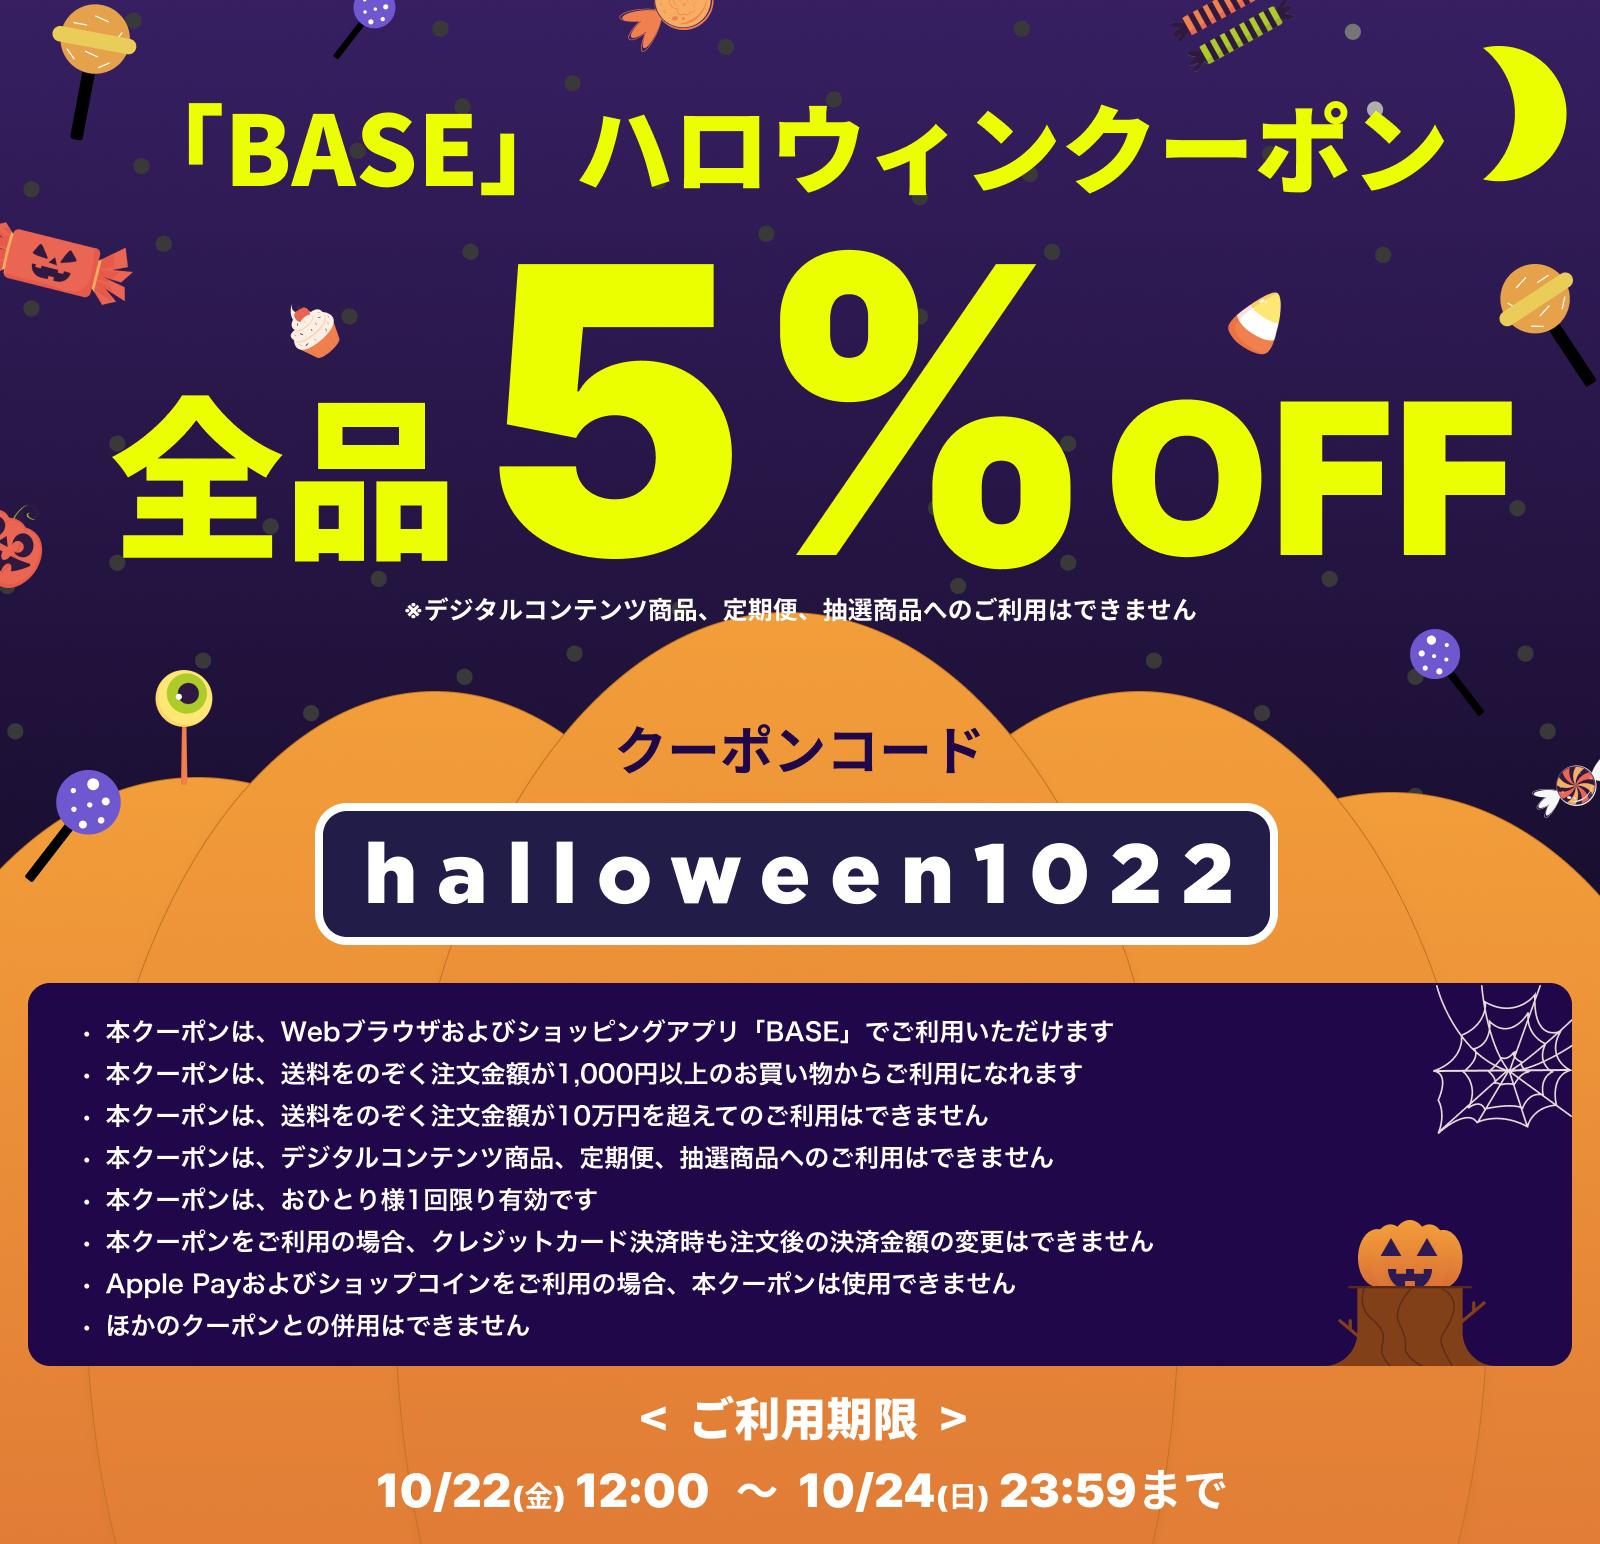 【10/22~10/24期間限定】 「BASE」ハロウィンクーポンキャンペーン!